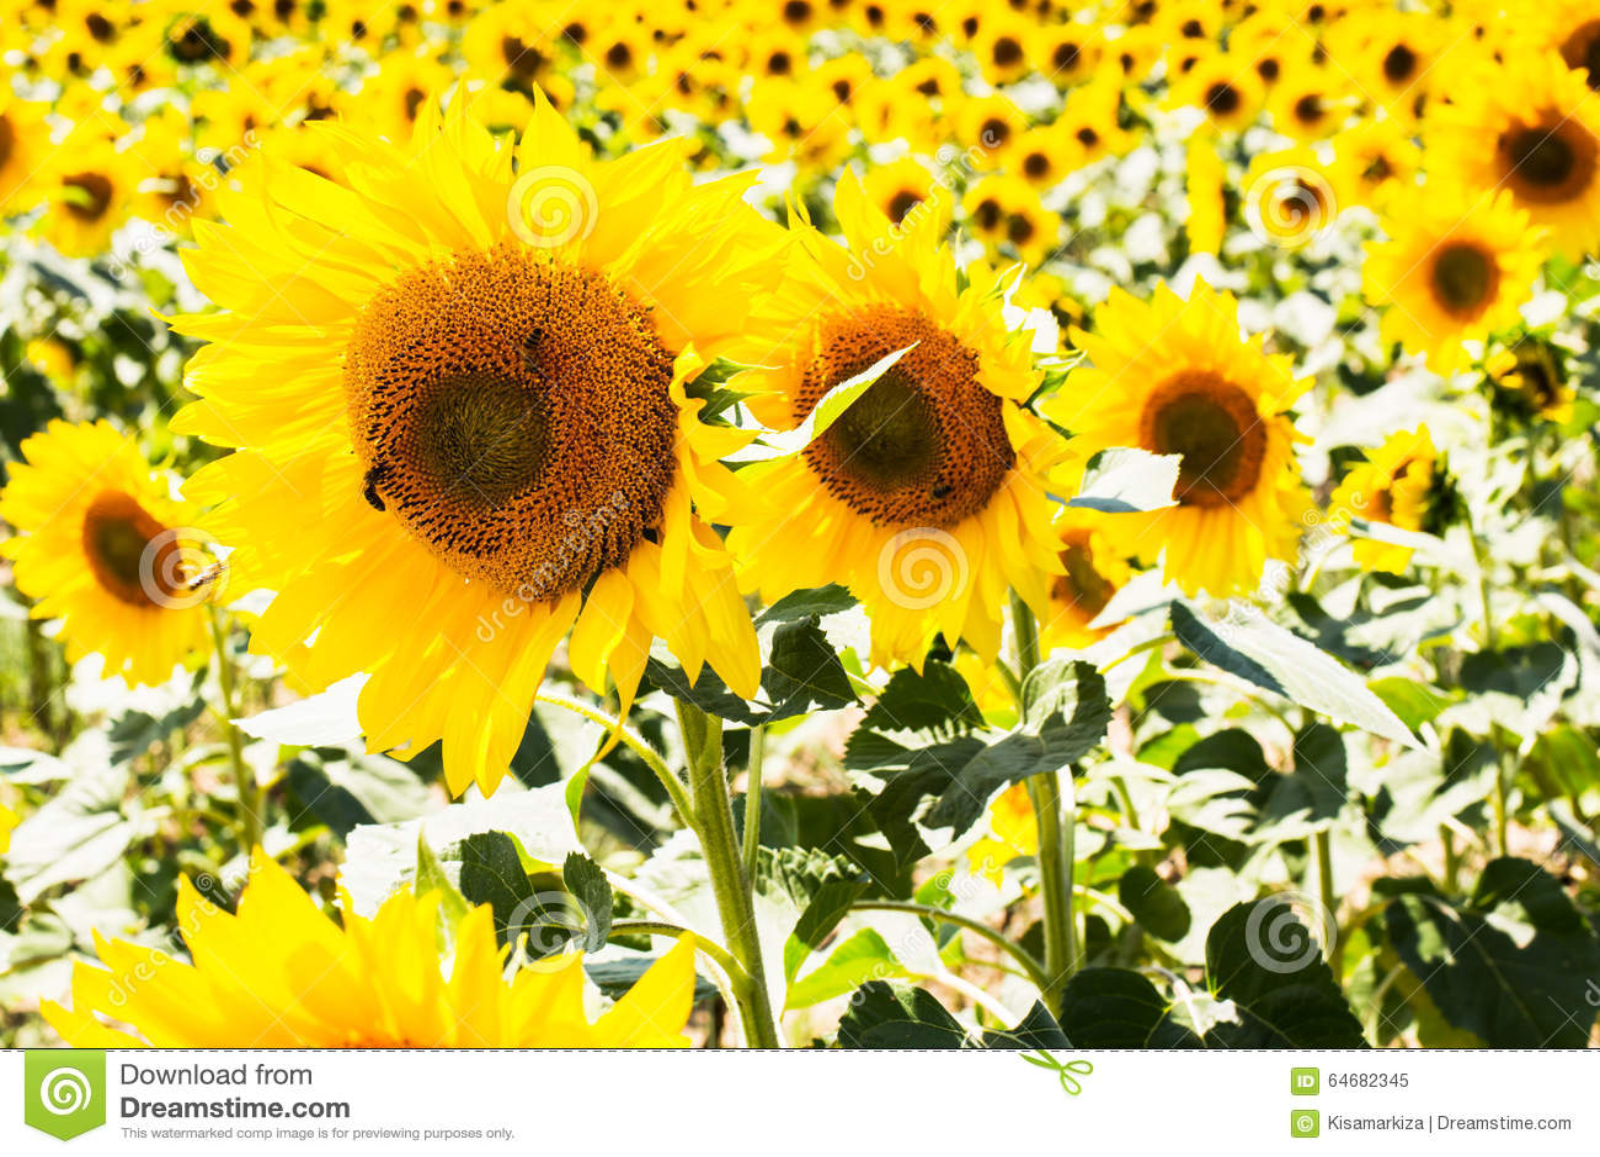 Abschluss drei herauf schöne Sonnenblumen in Folge an